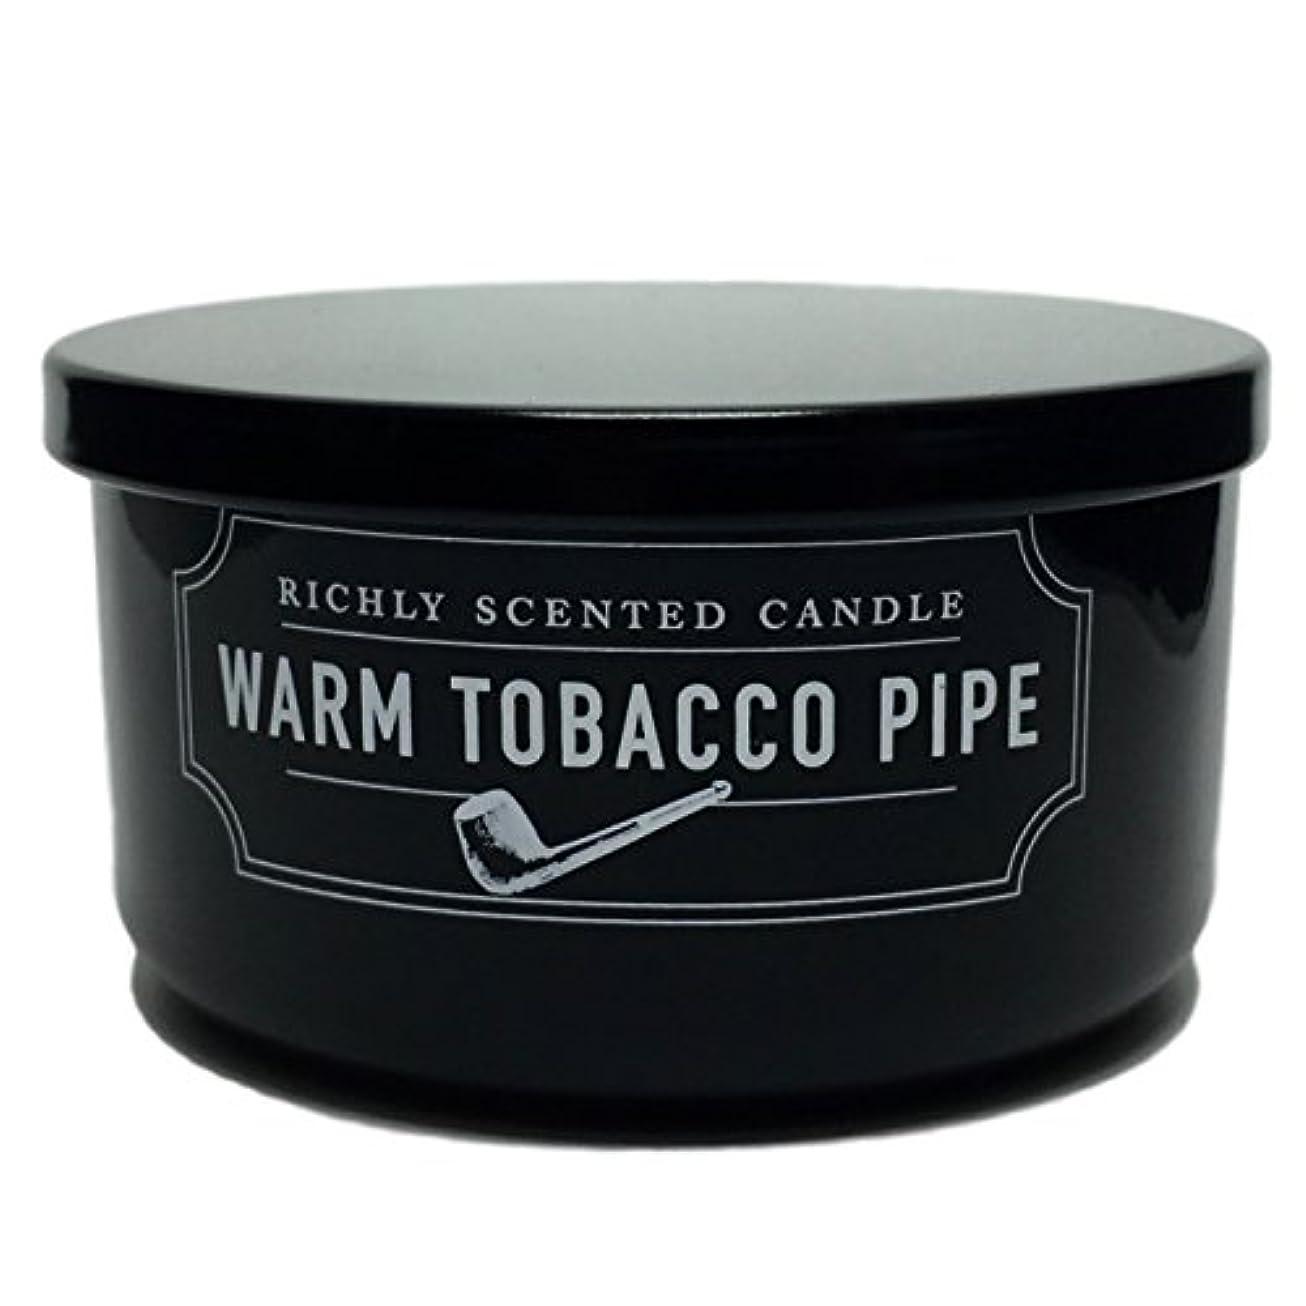 DWホーム暖かいタバコパイプ豊かな香り2 Wick Candle Smallサイズ